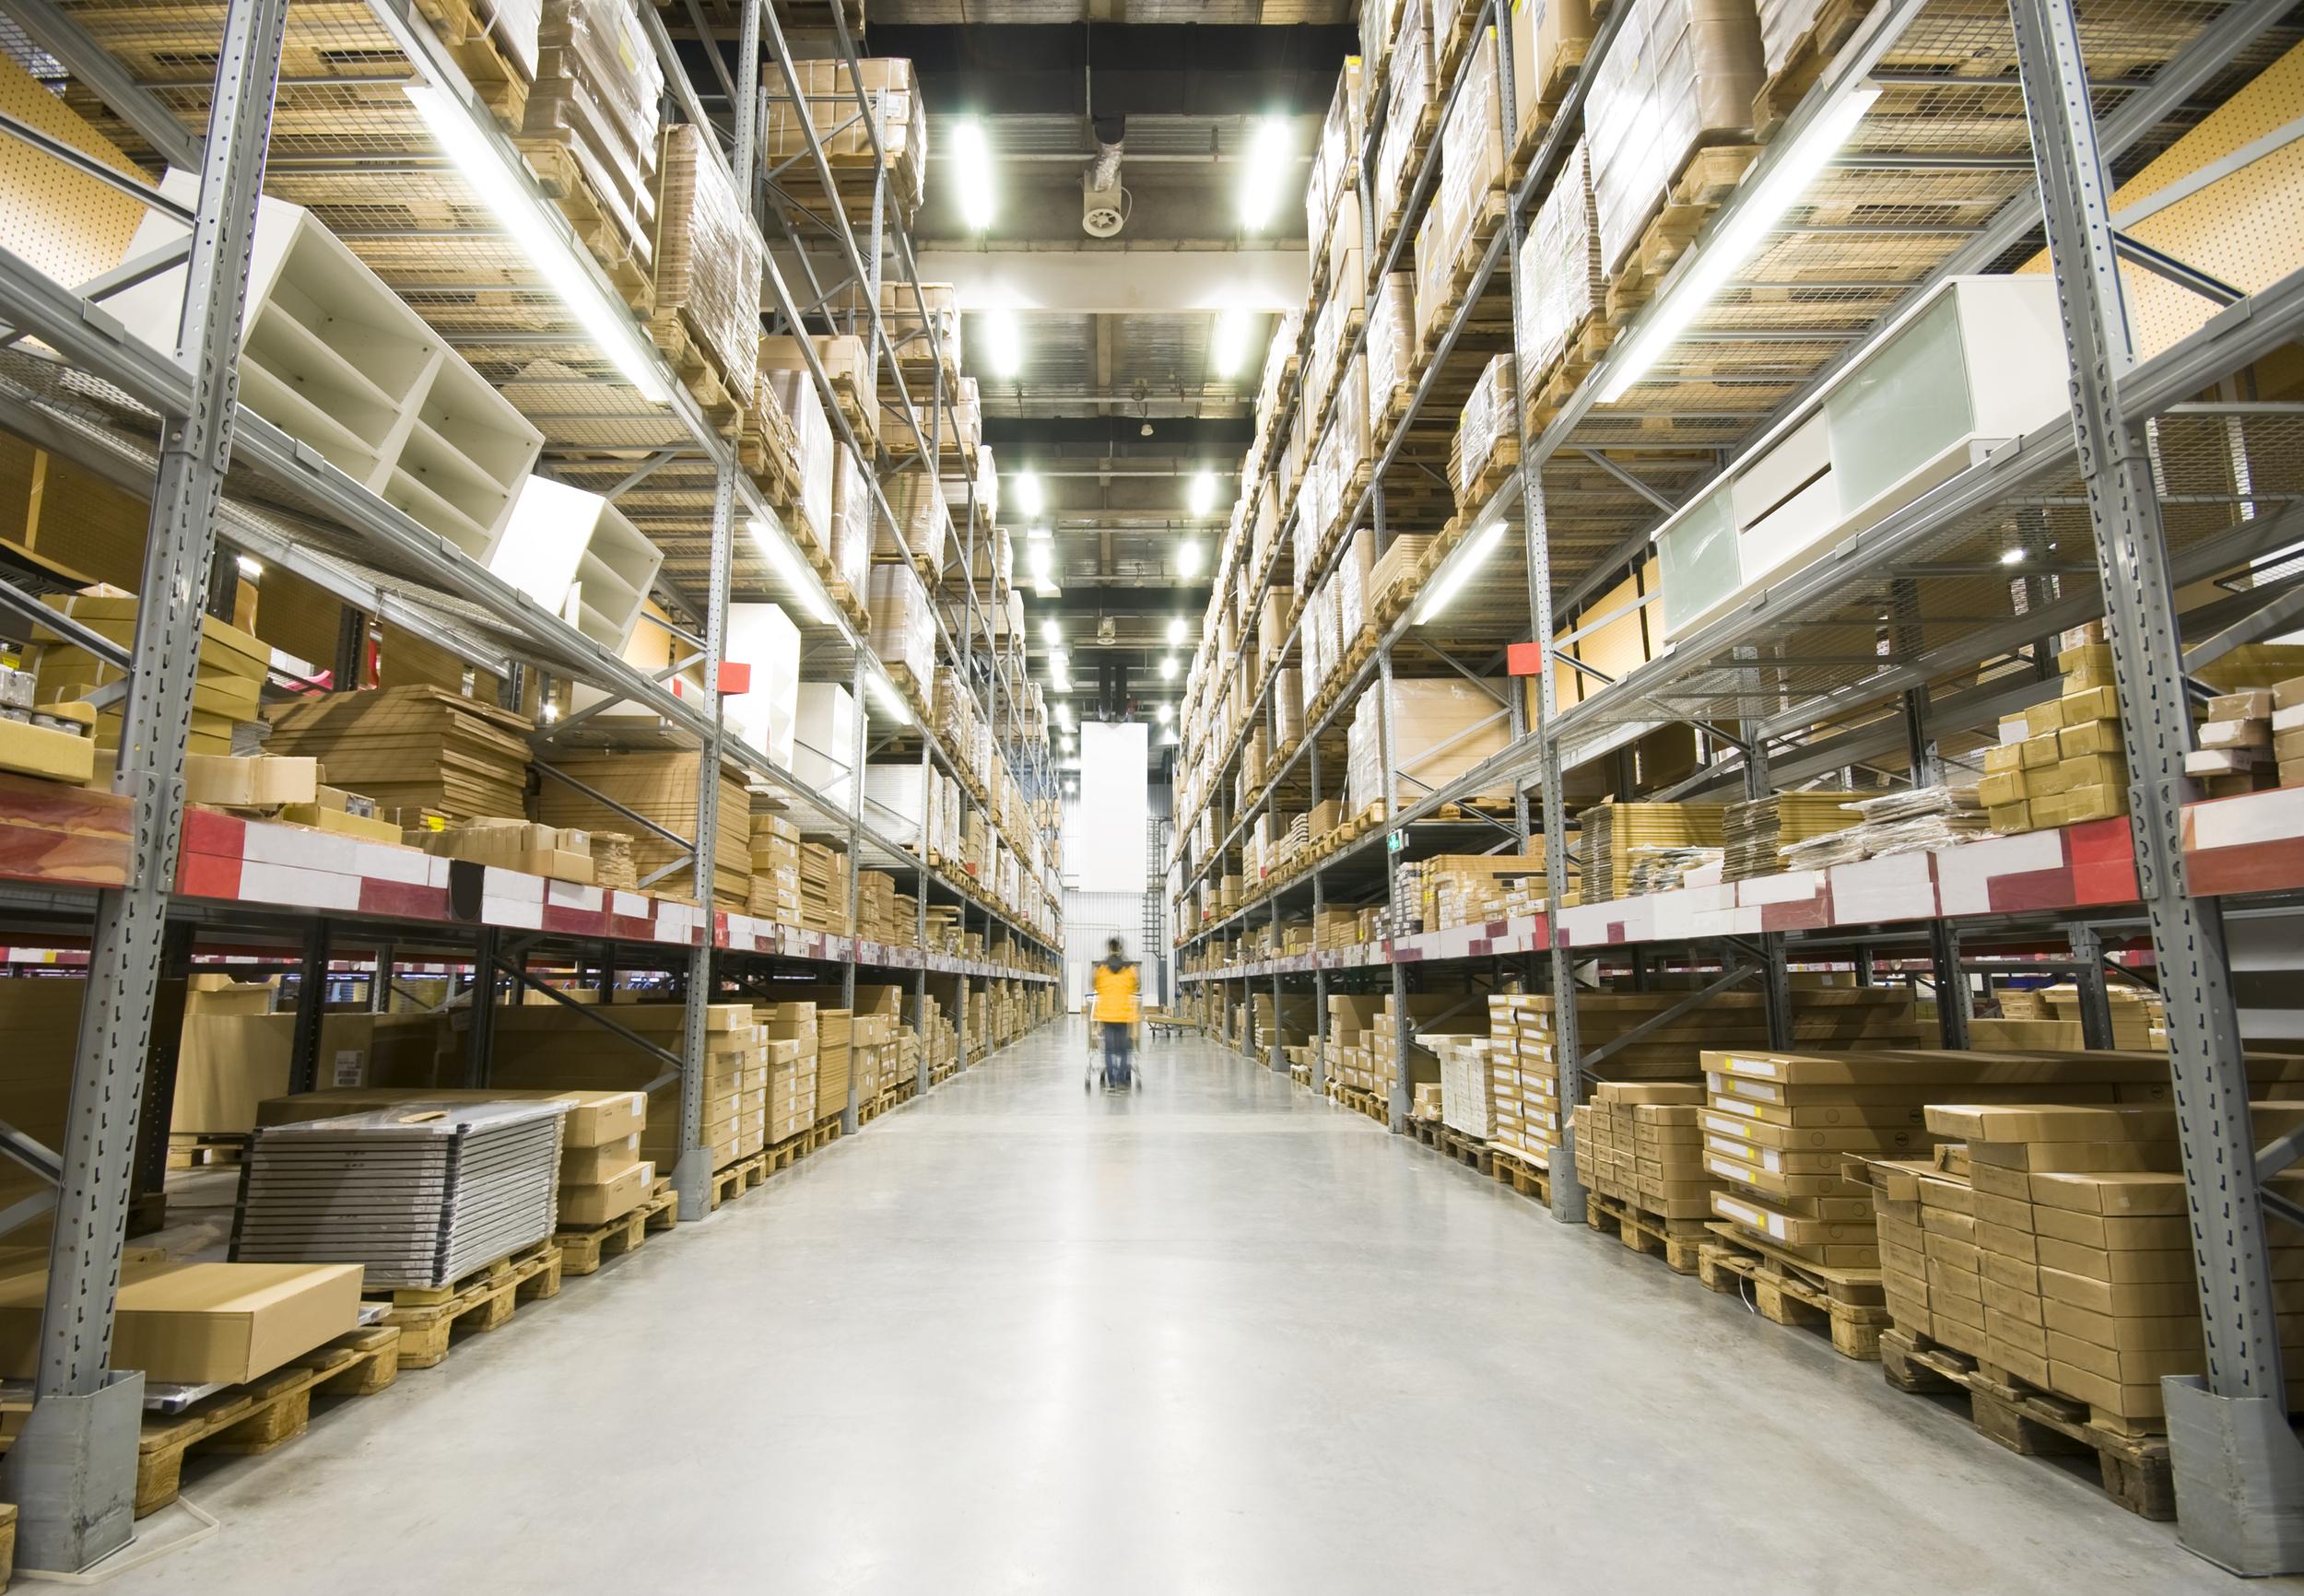 warehouse shelving.jpg